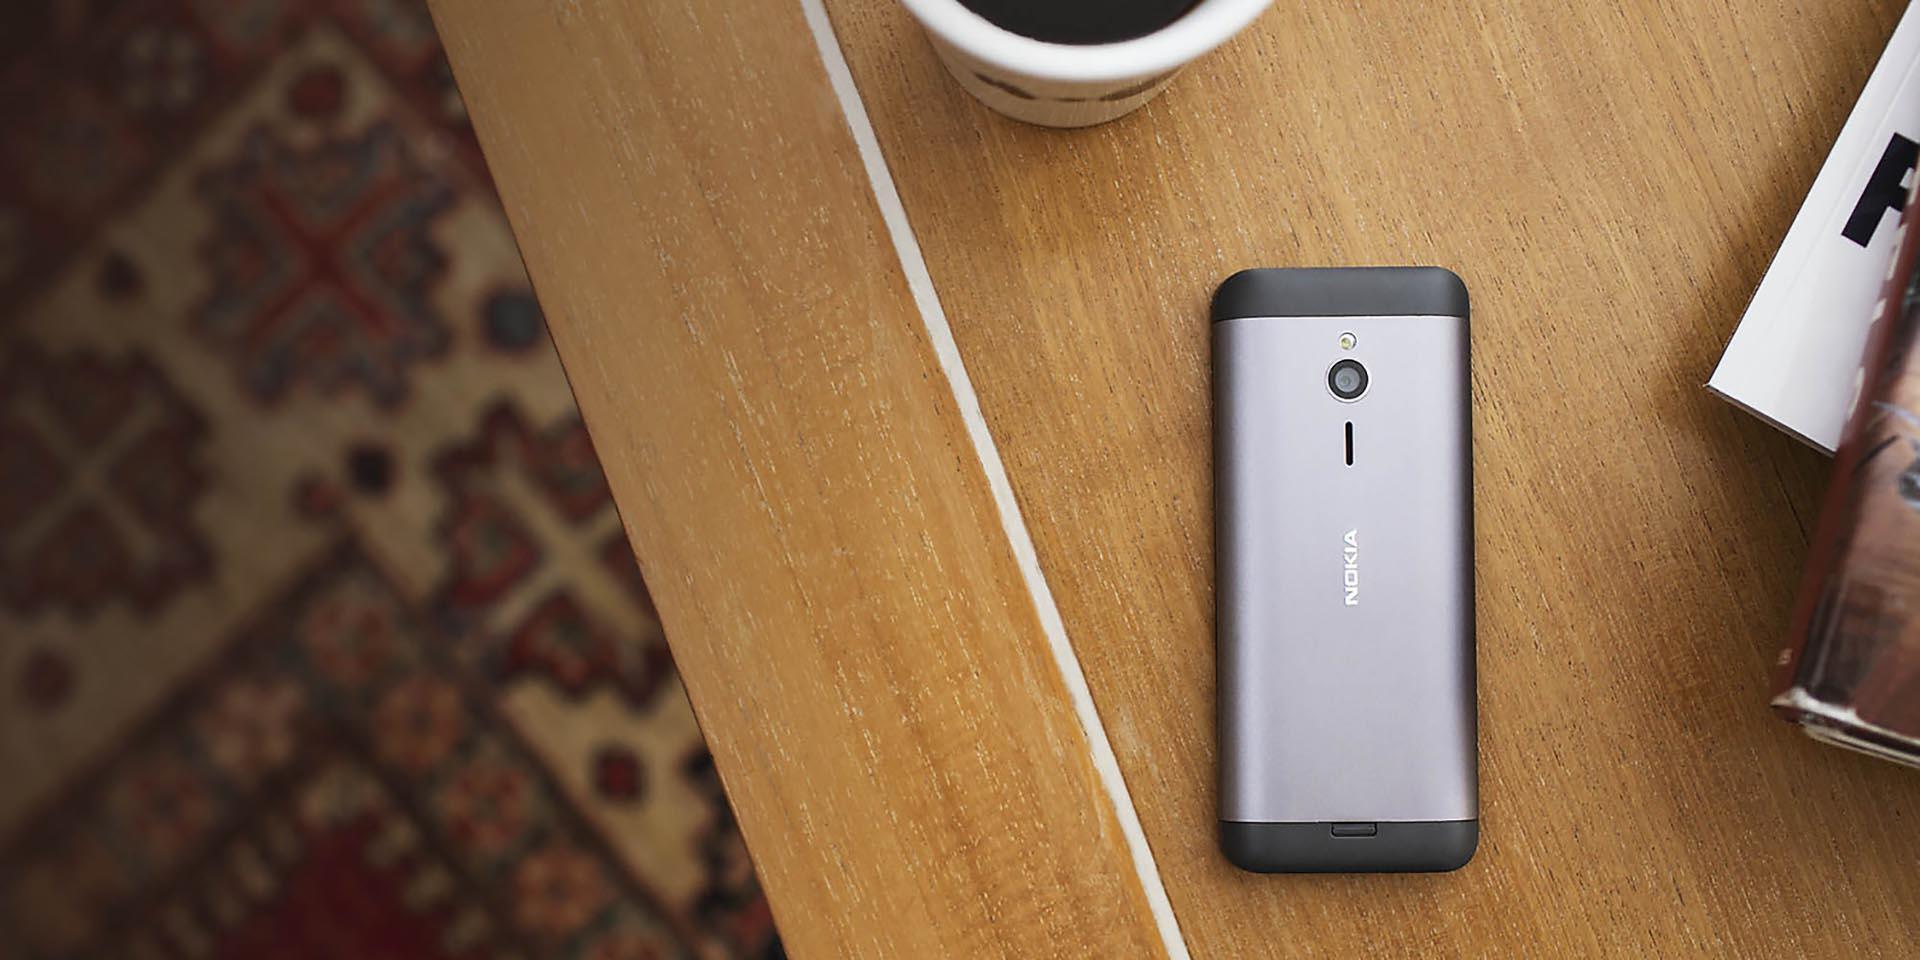 avec le nokia 230 microsoft lance un t l phone pour selfies 50 euros tech numerama. Black Bedroom Furniture Sets. Home Design Ideas